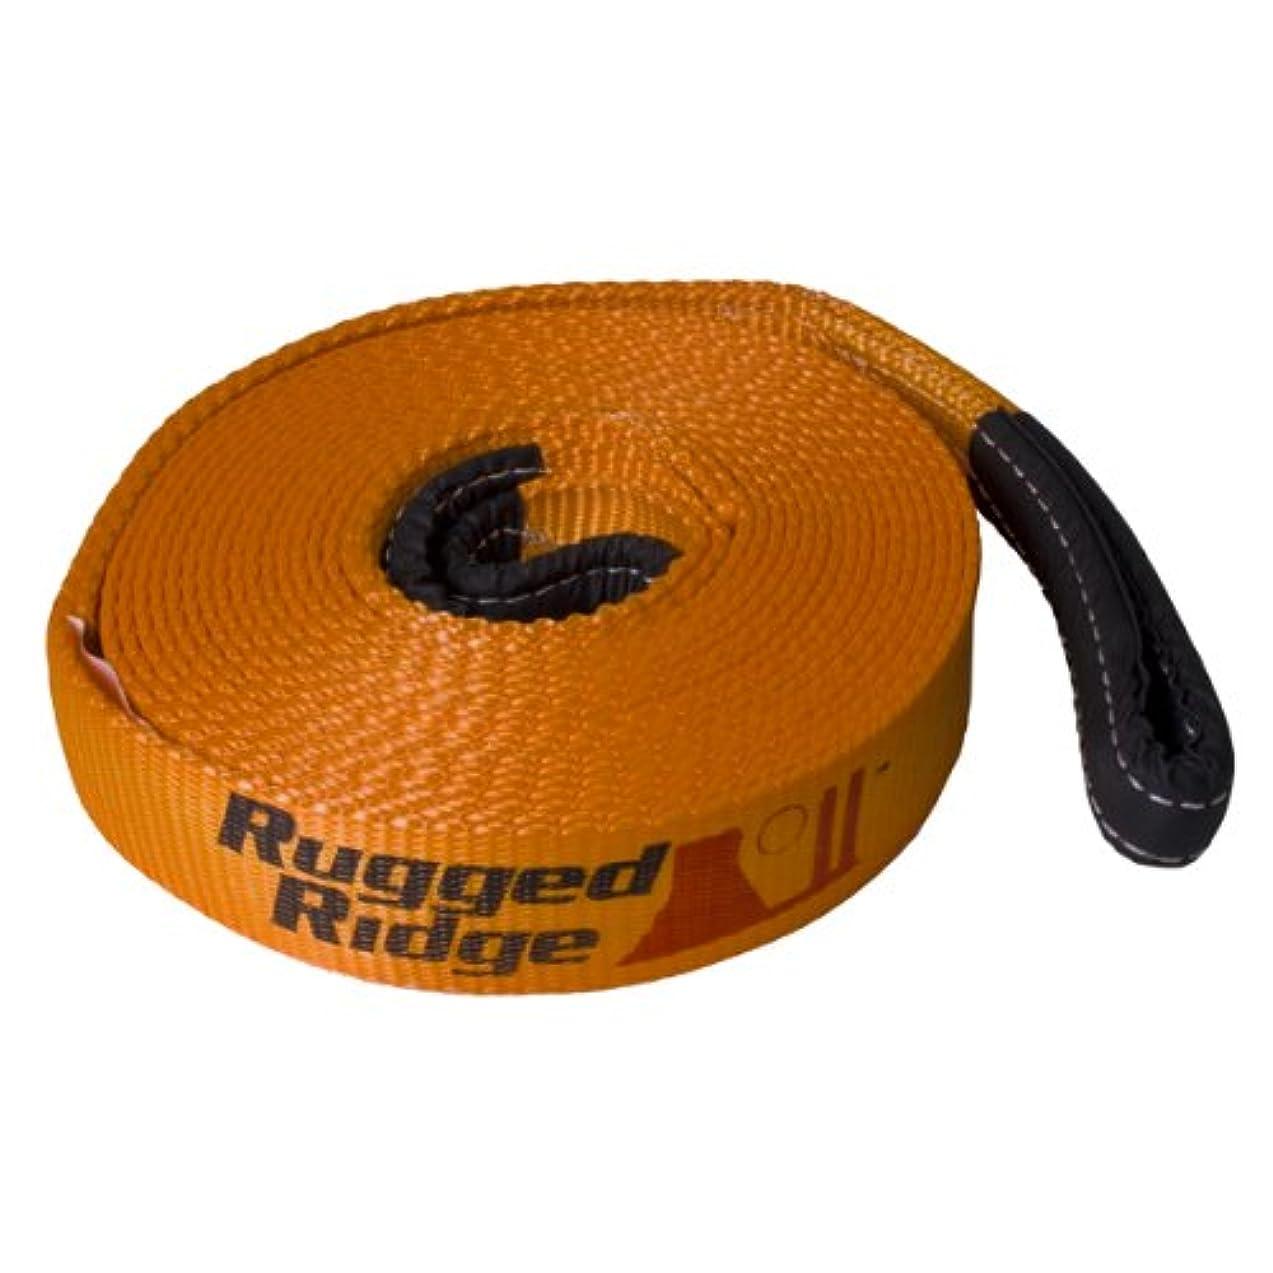 Rugged Ridge 15104.03 Premium Recovery 4